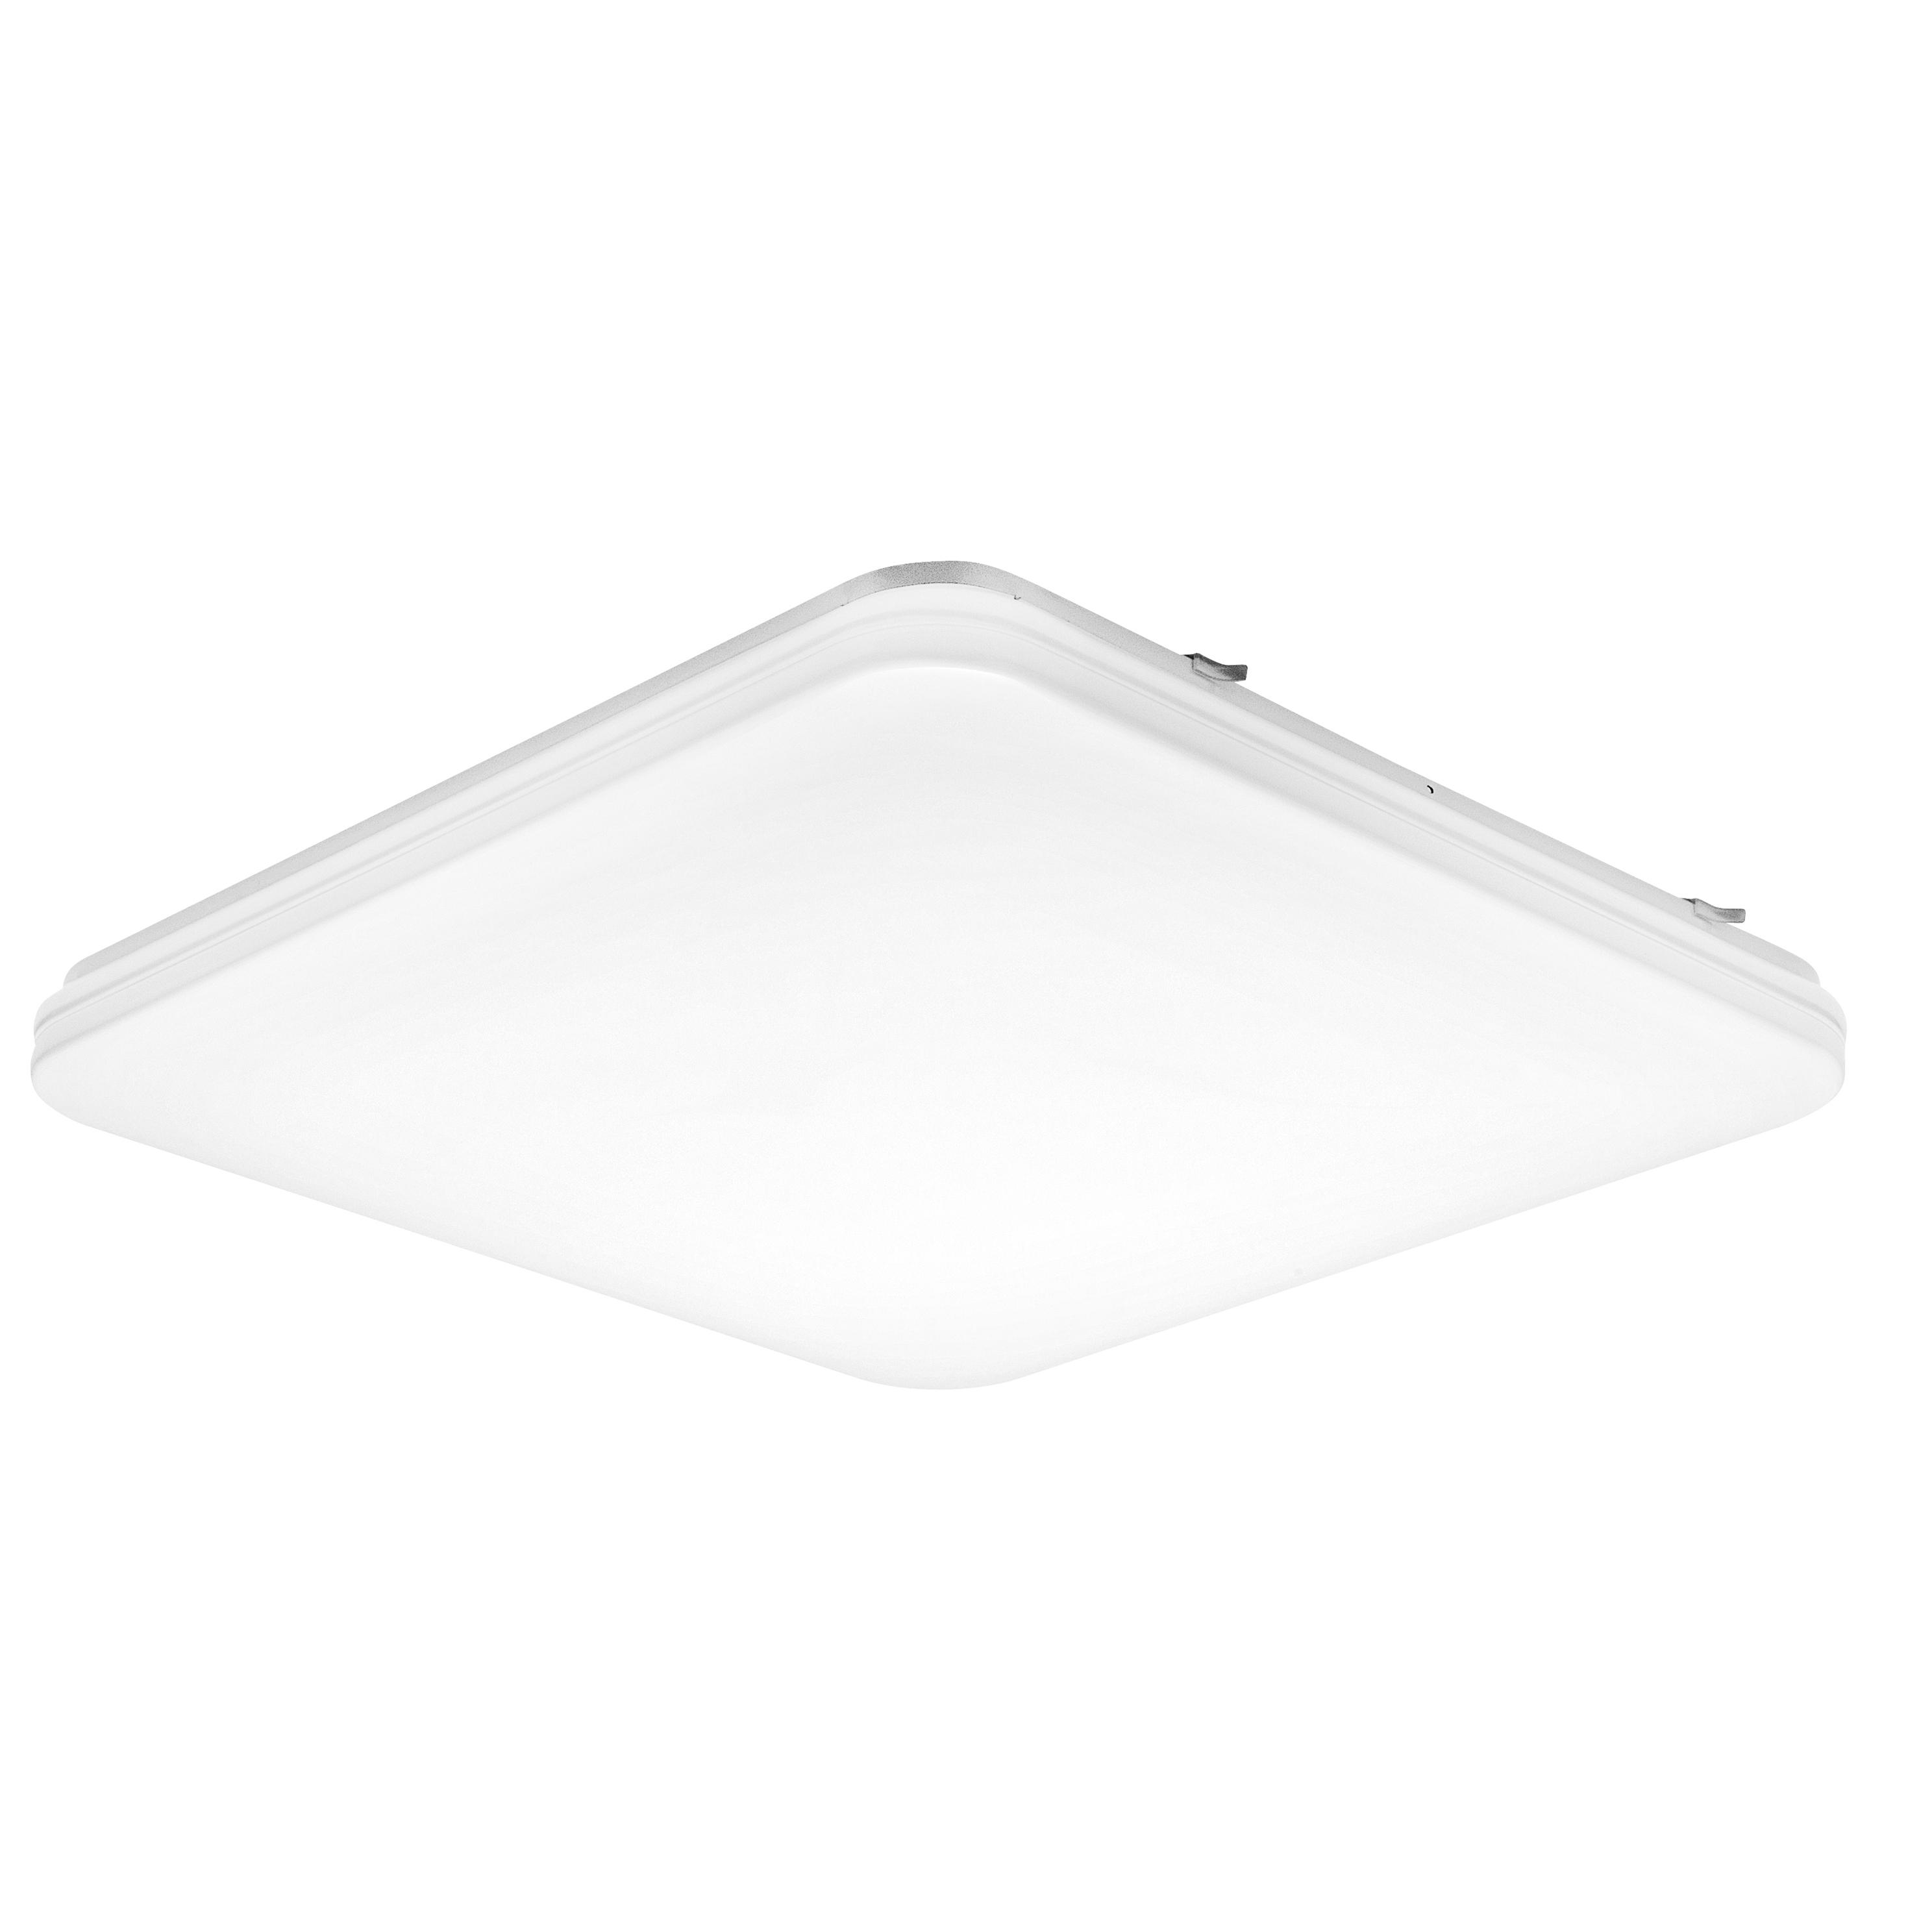 코콤 LED 명품 사각 방등 50W